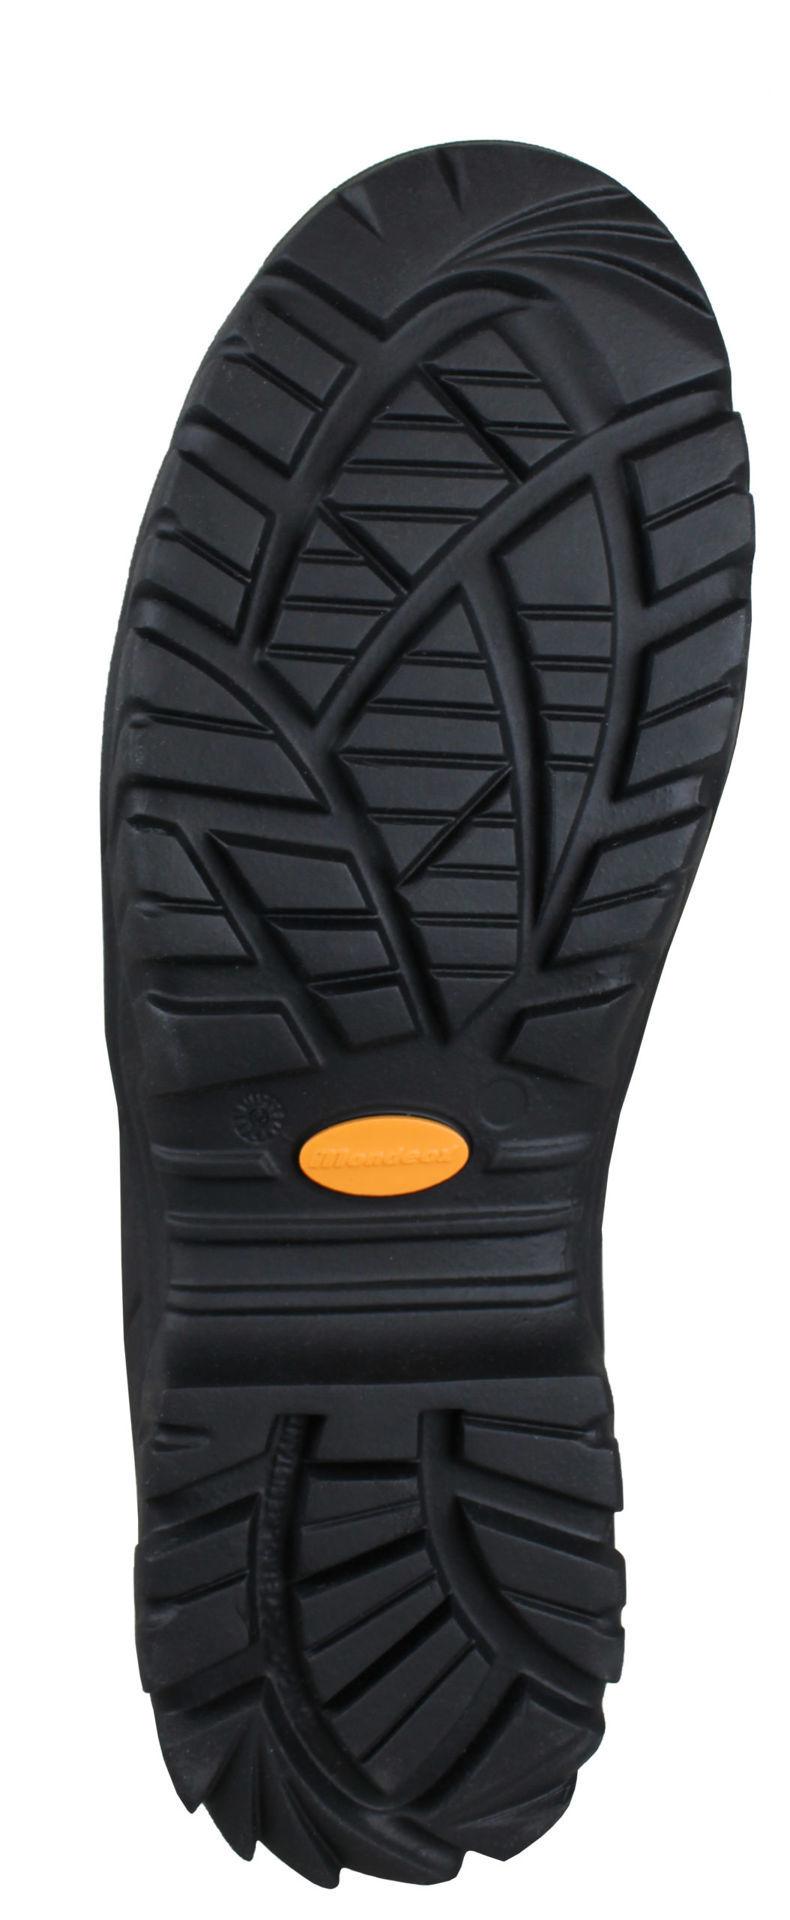 Image de Kamor Chaussures de sécurité Hi-Vis